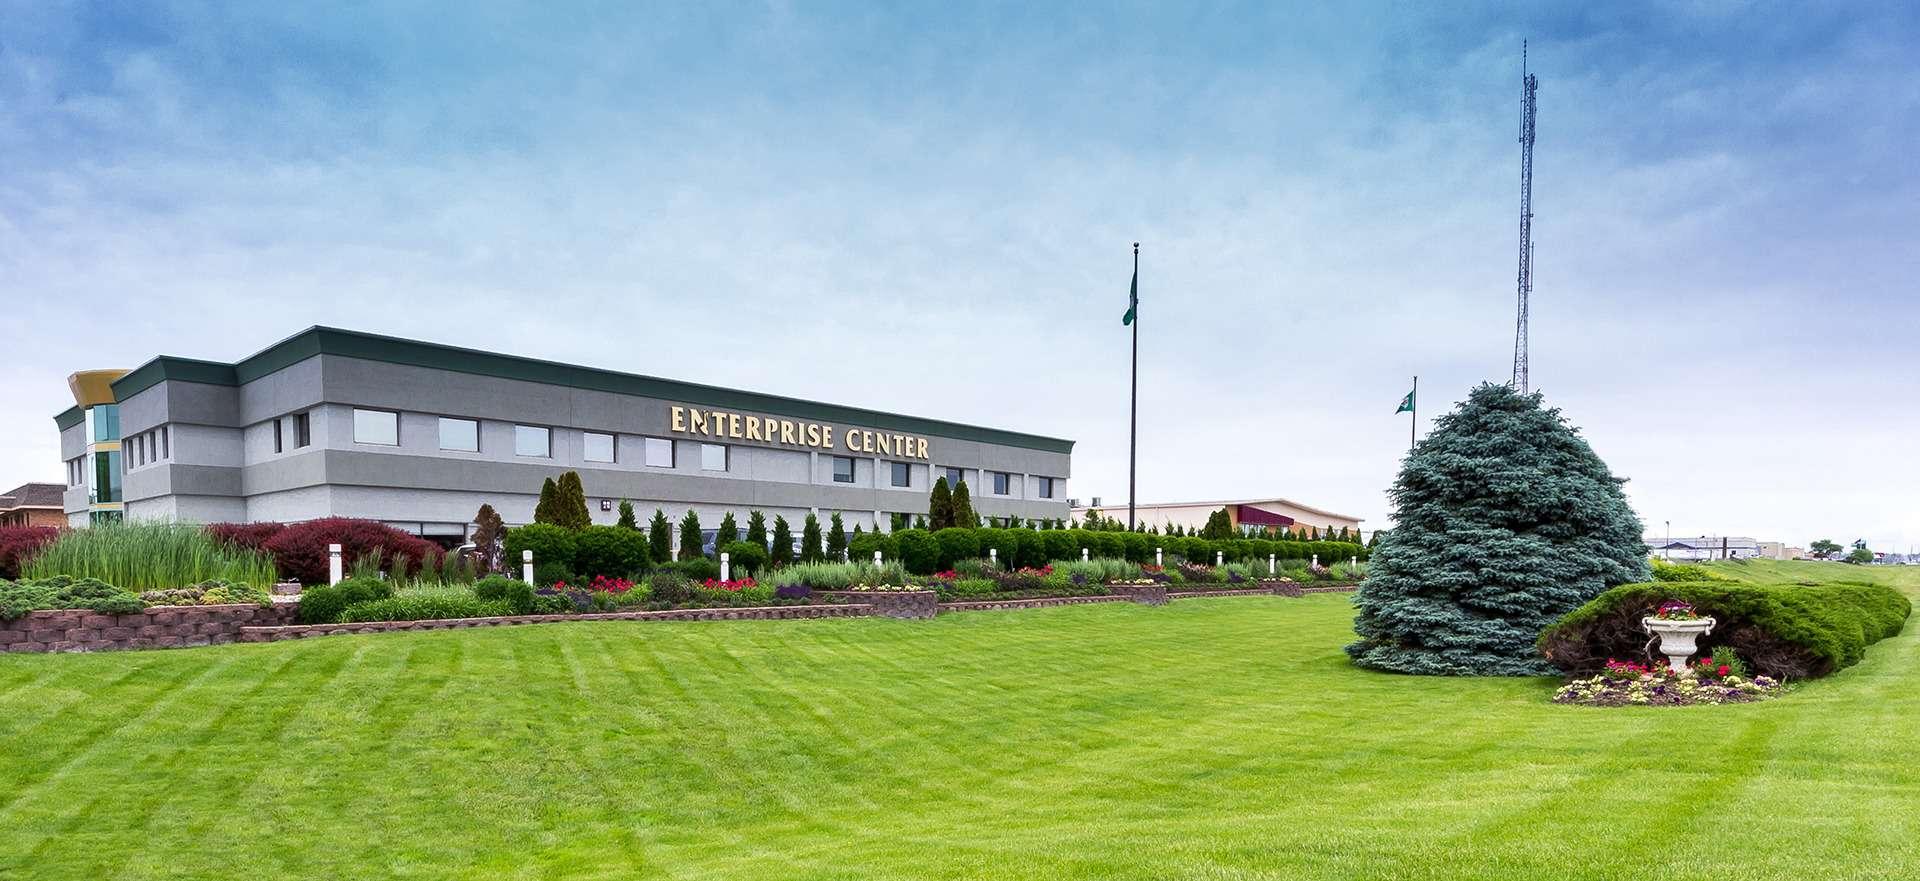 Enterprise Center business office building Omaha, NE